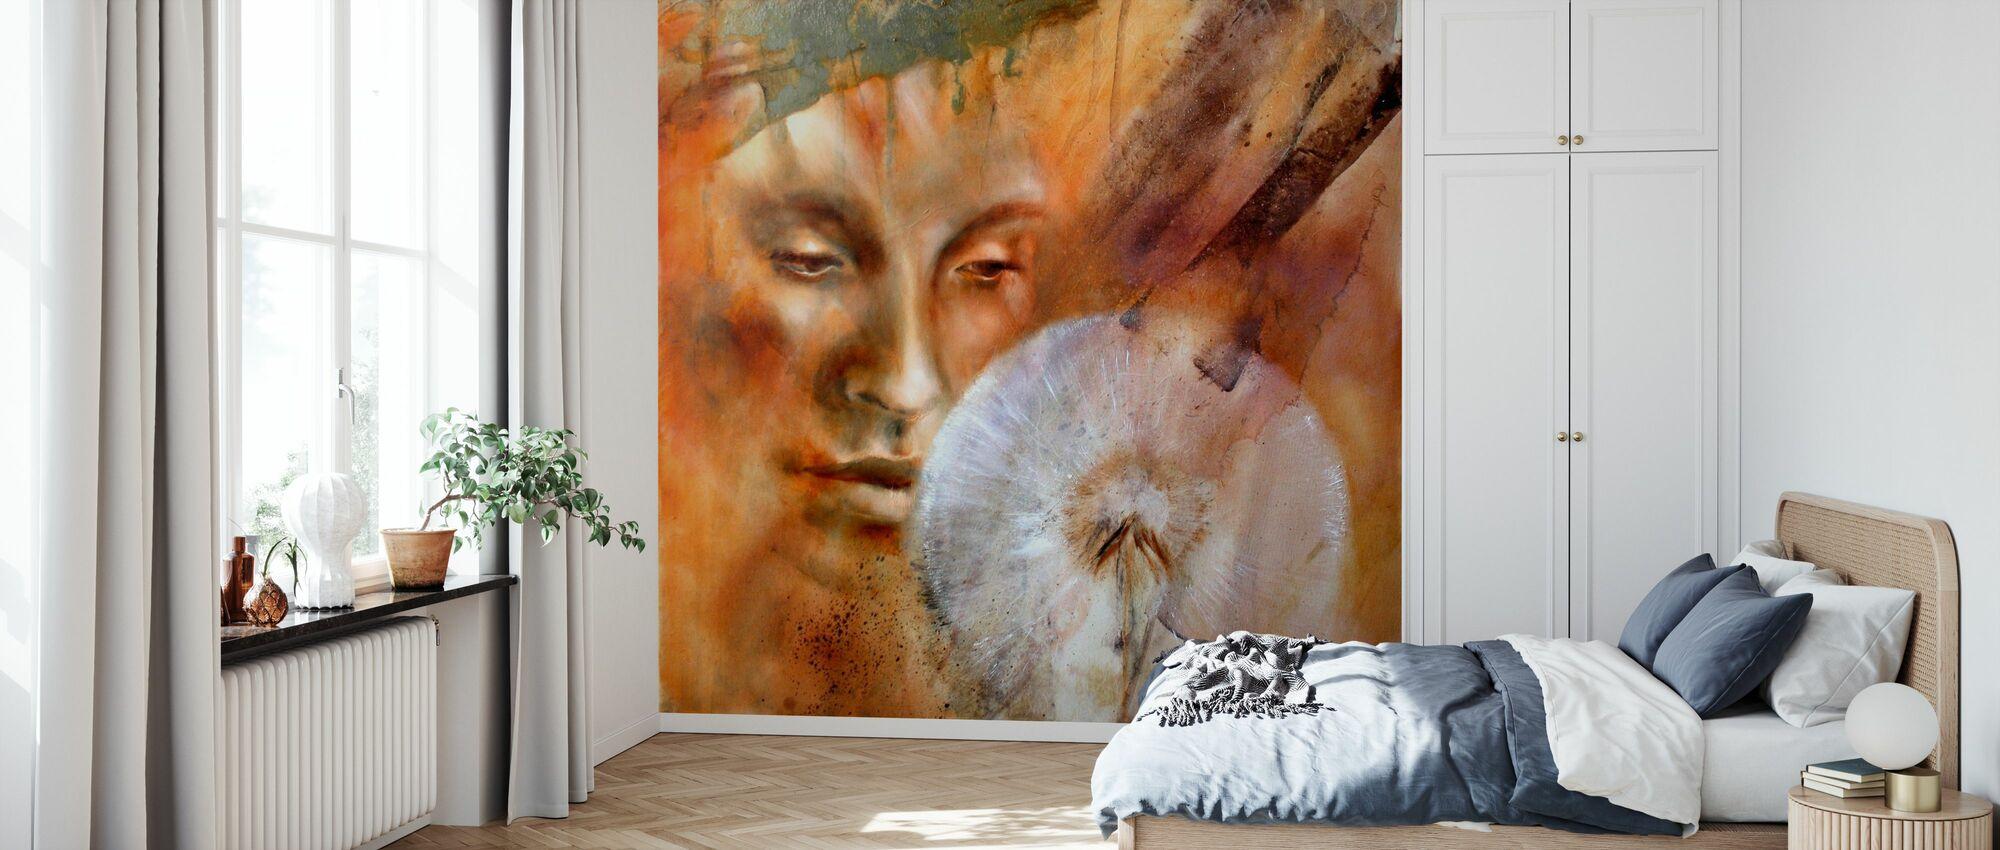 Waiting - Wallpaper - Bedroom